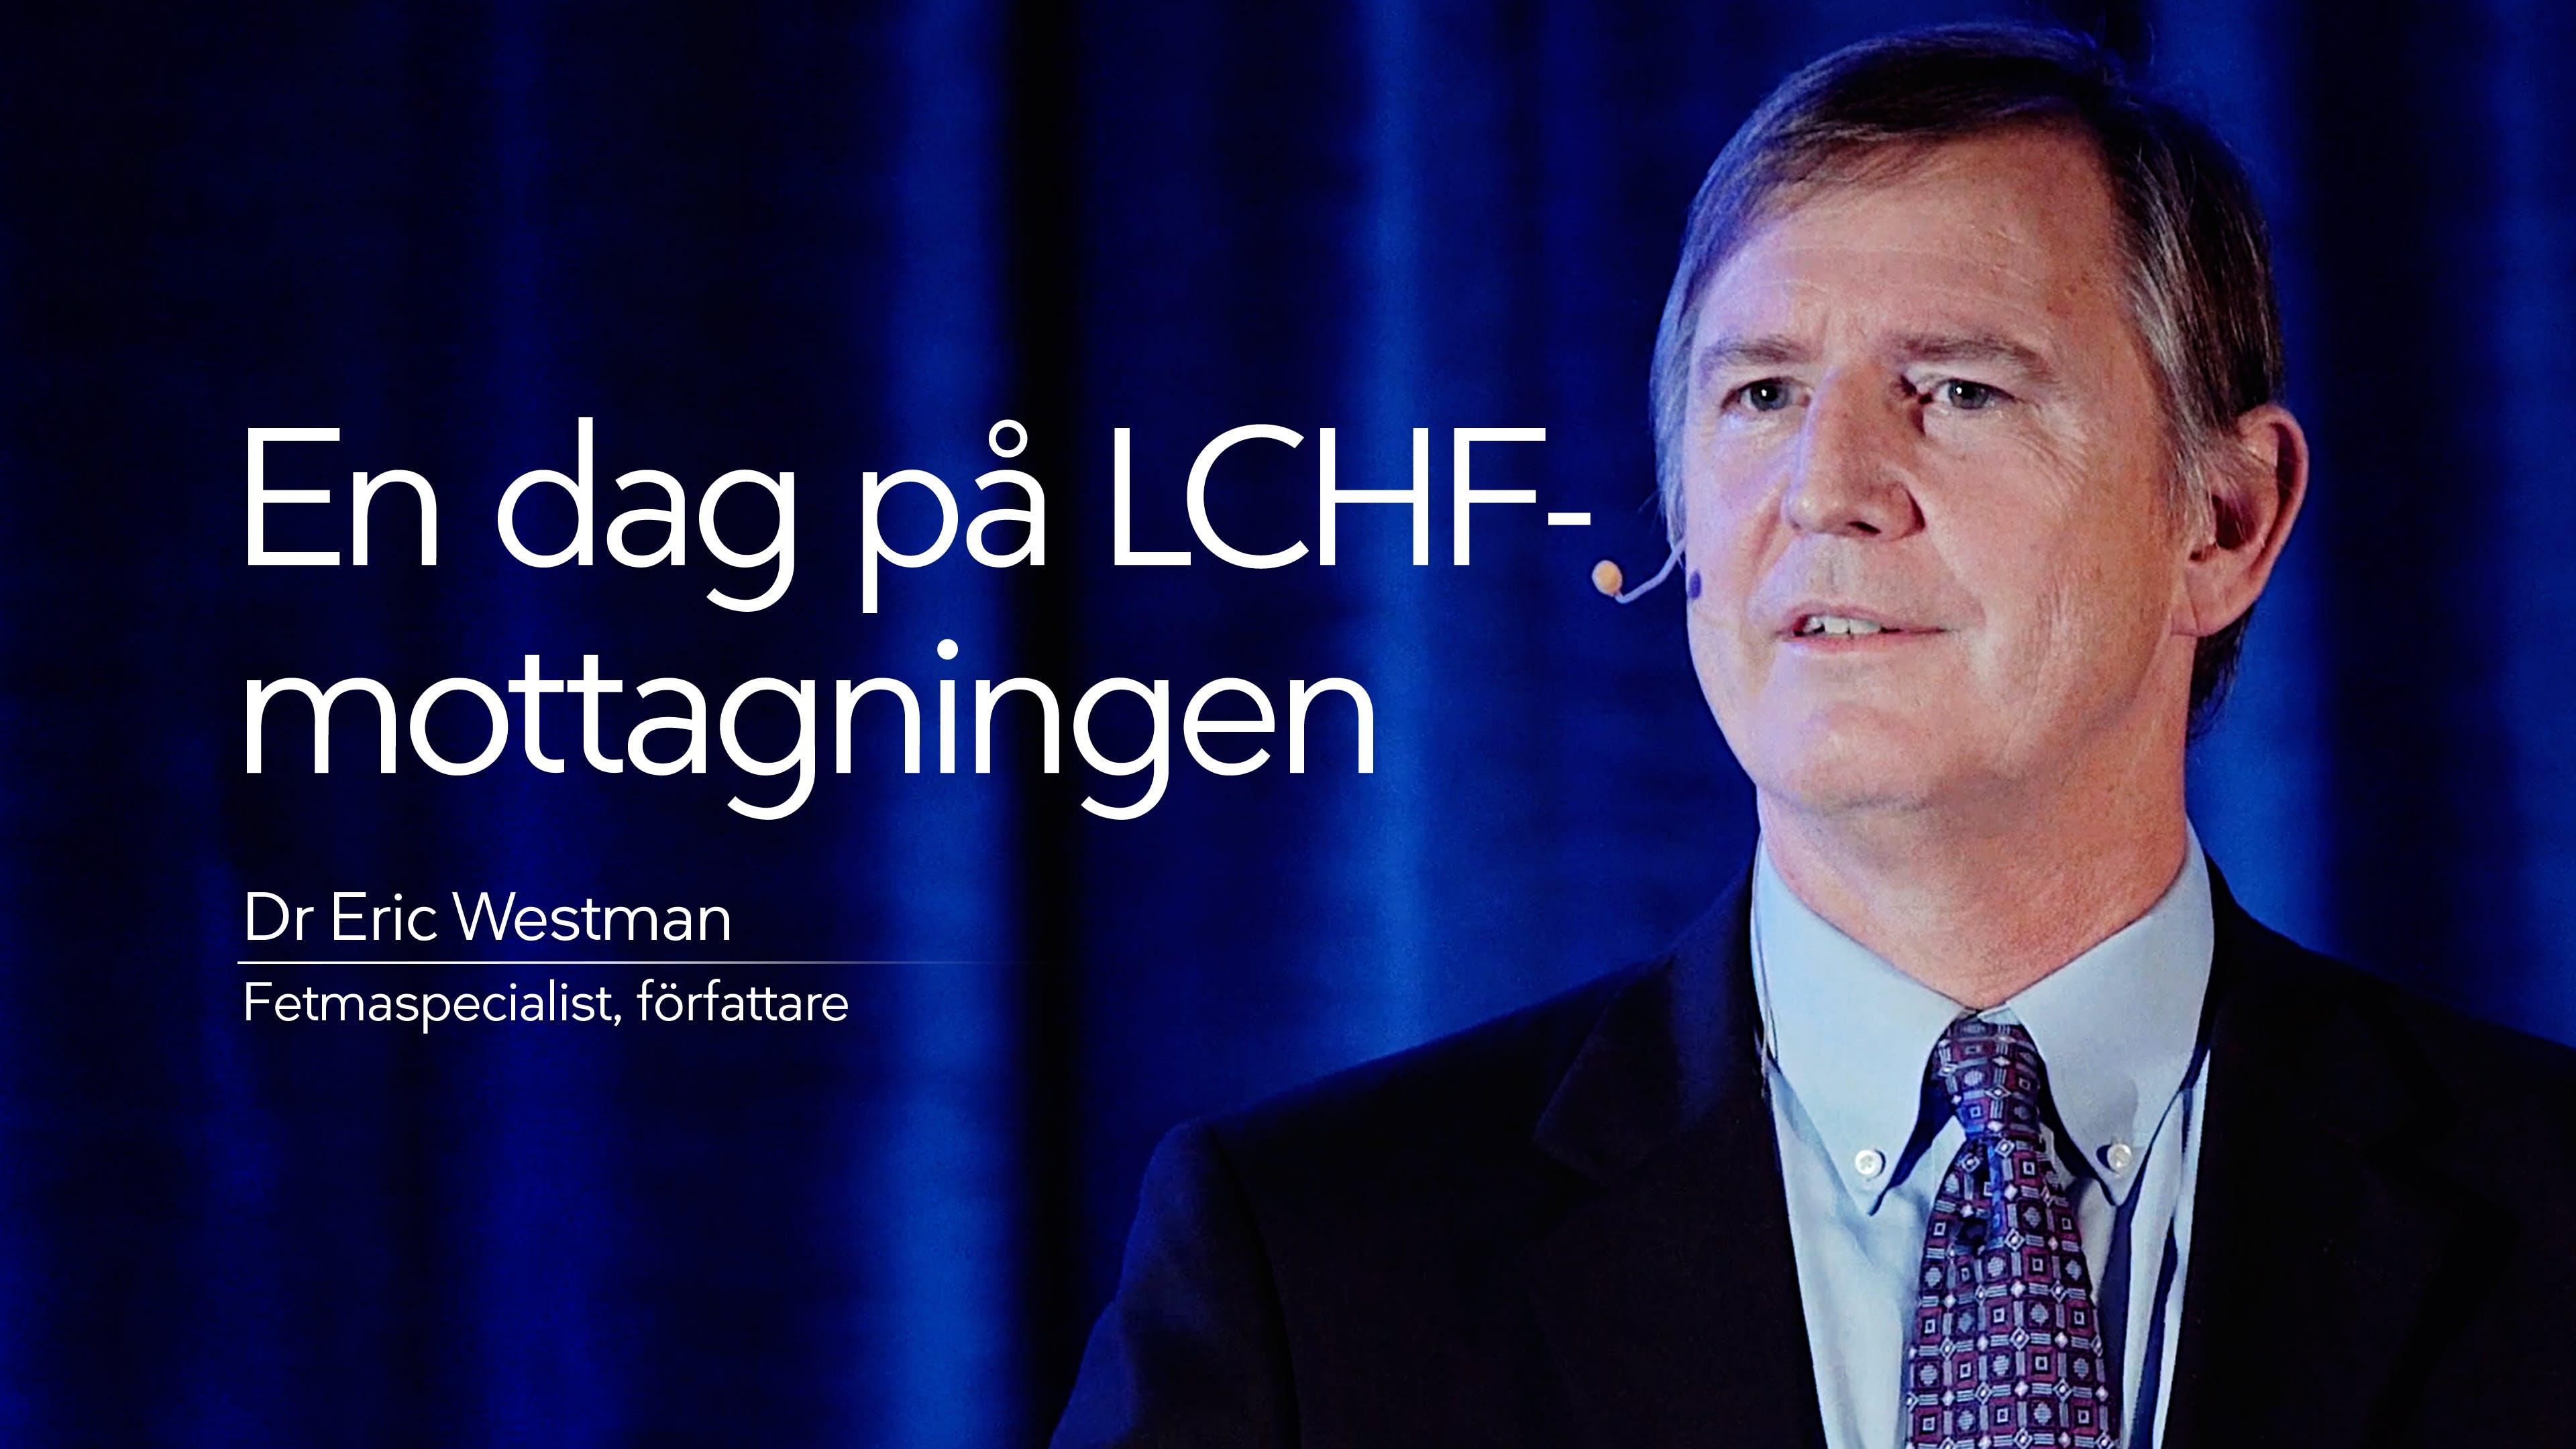 En dag på LCHF-mottagningen